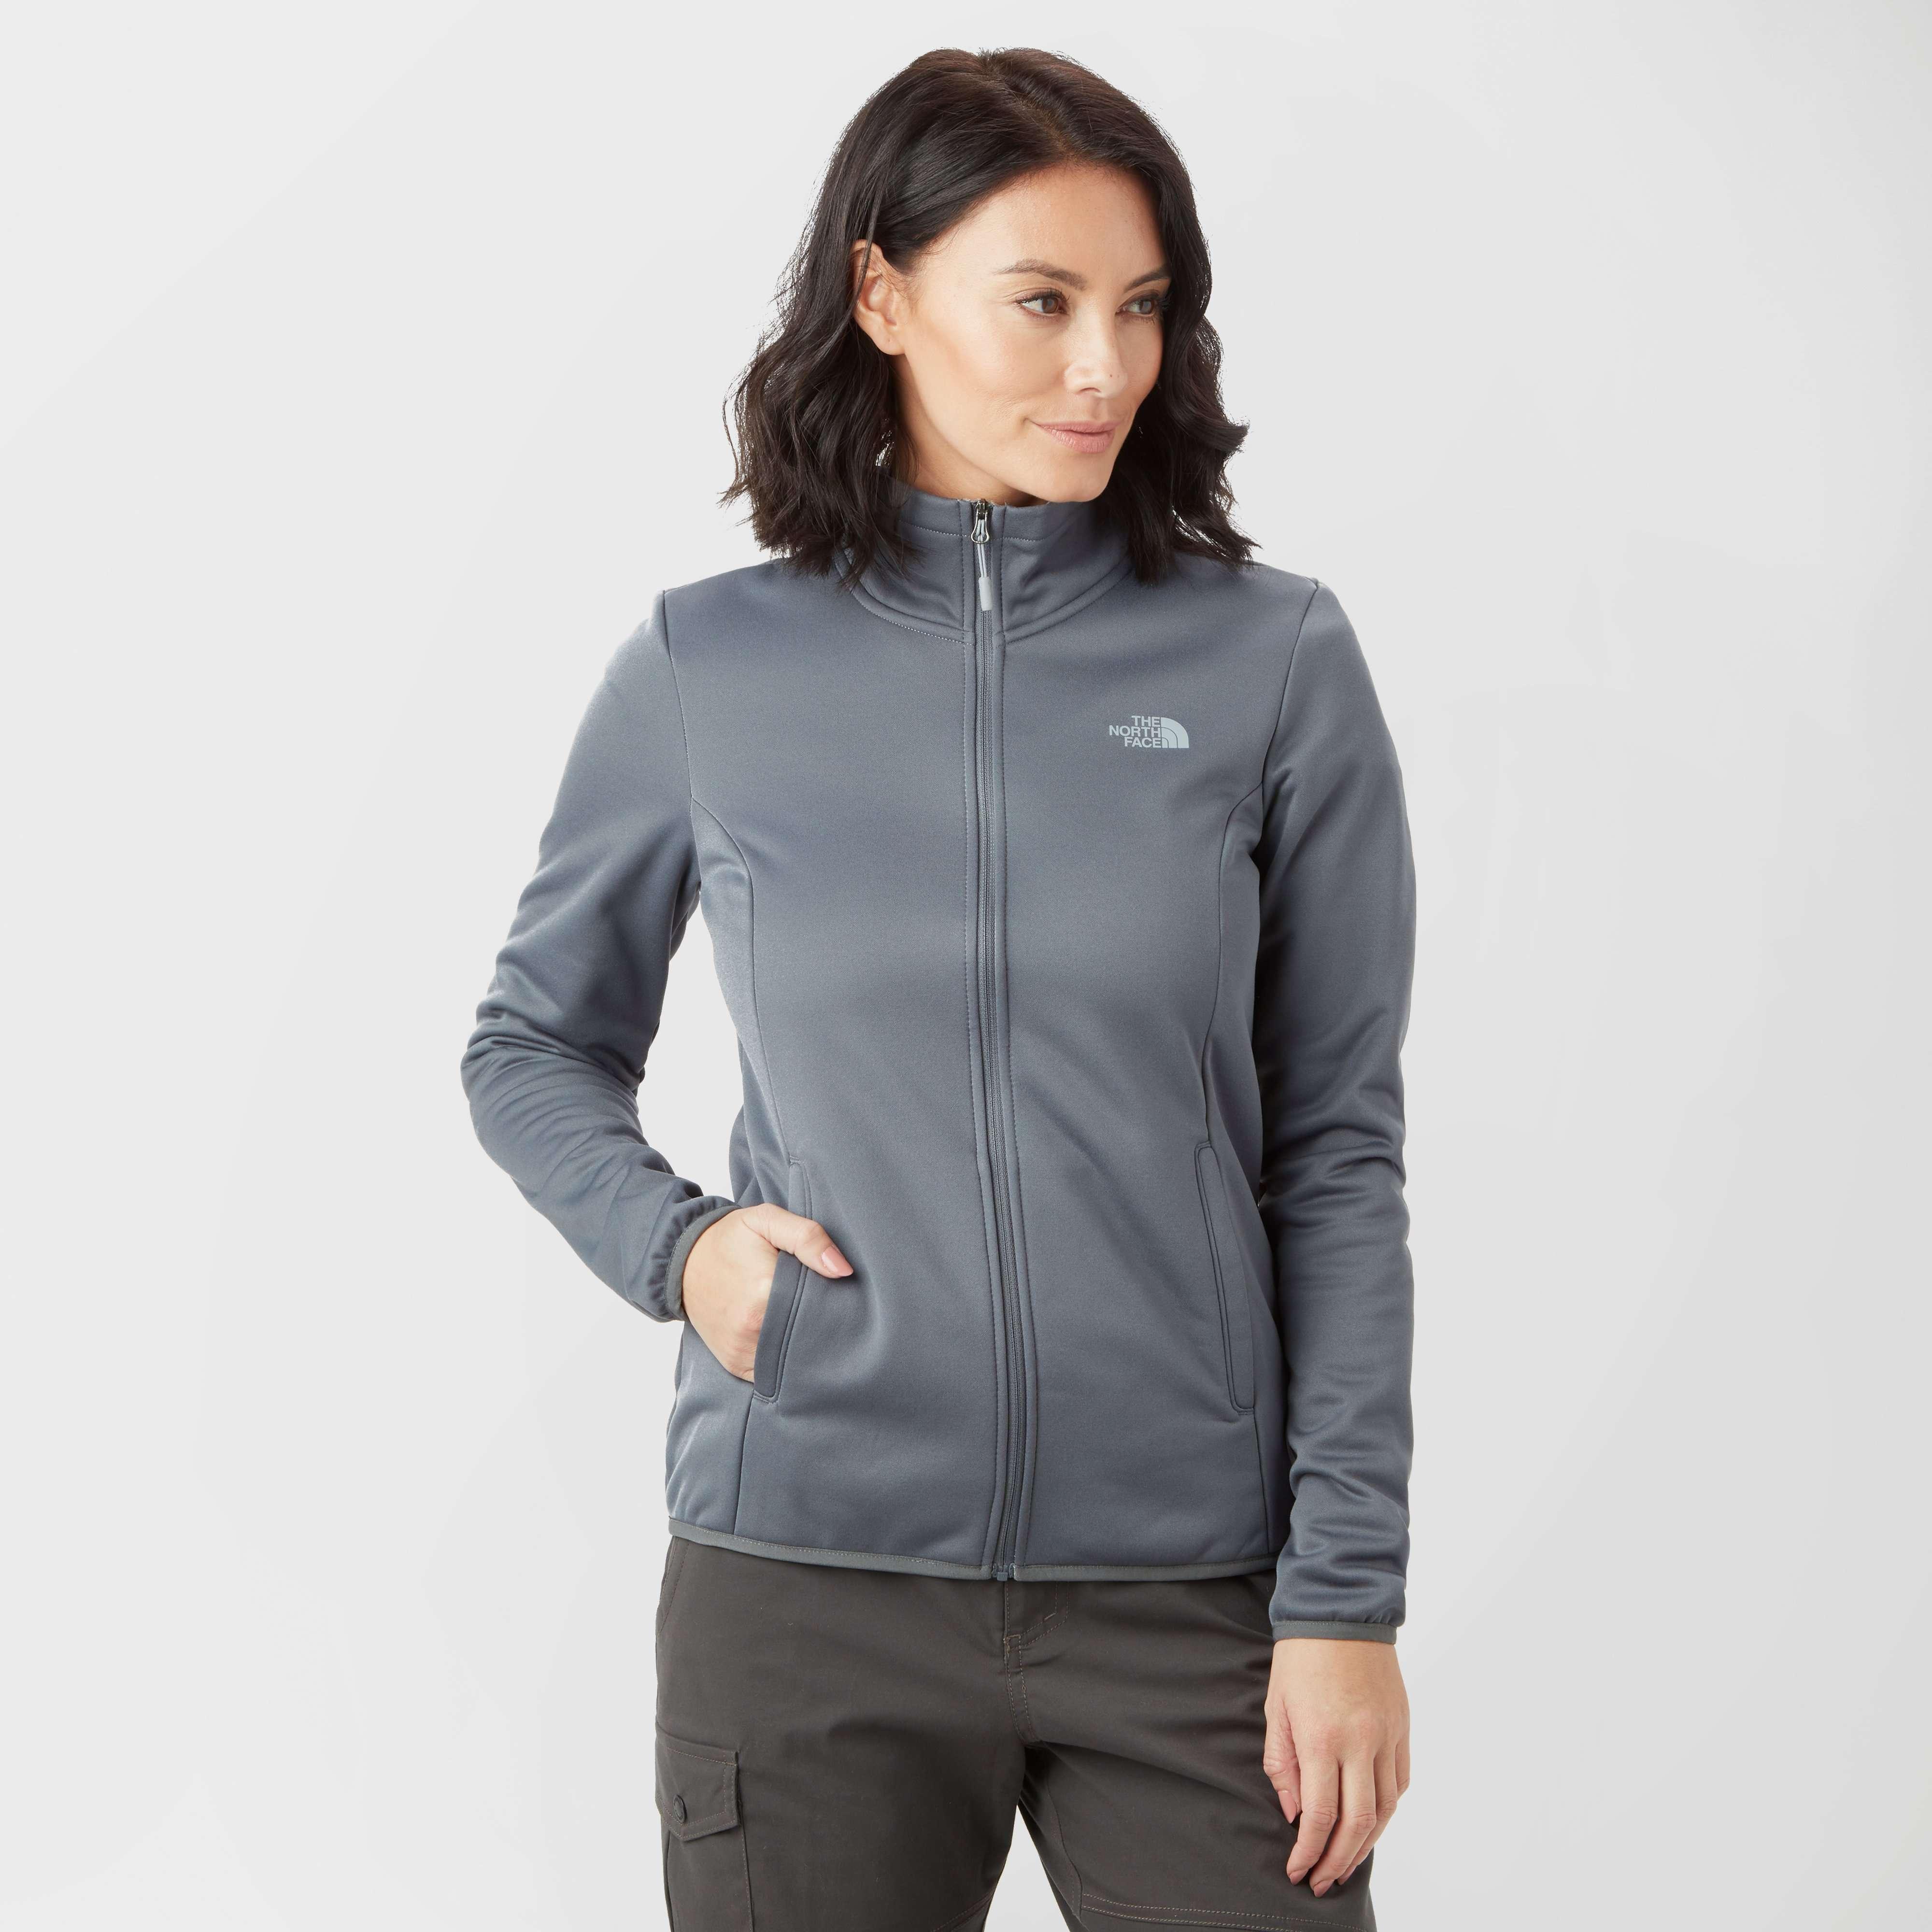 THE NORTH FACE Women's Tanken Full Zip Fleece Jacket